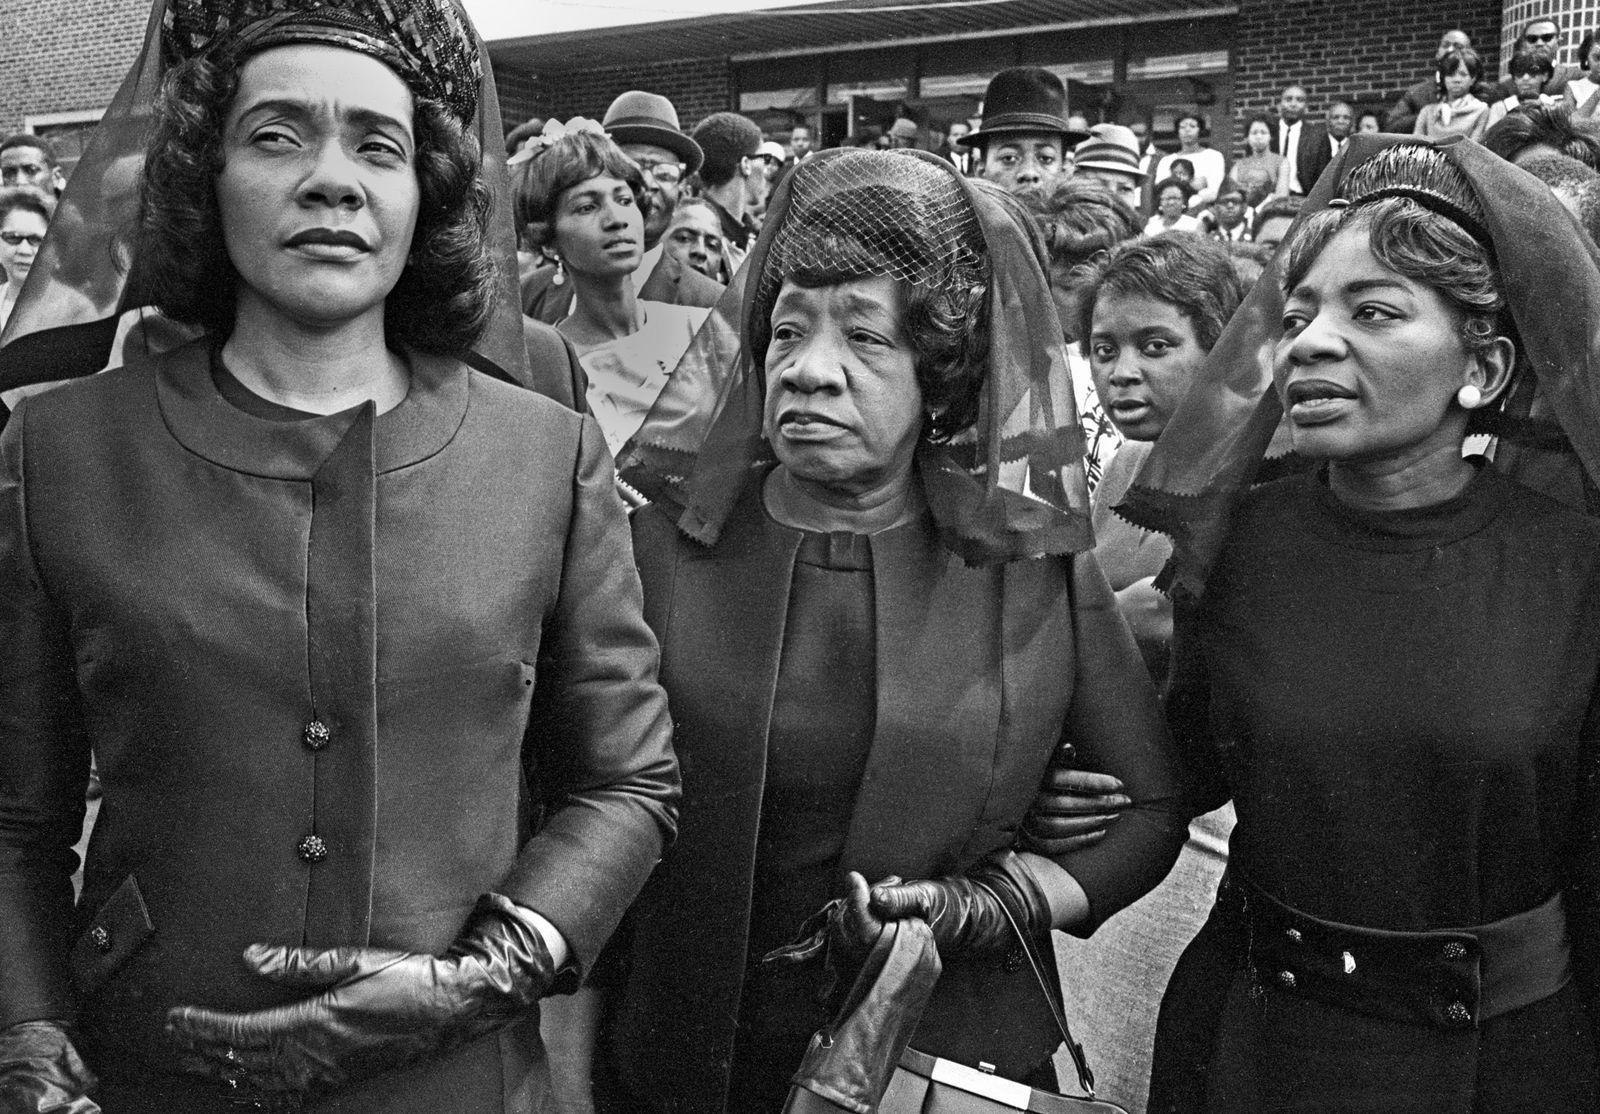 EINMALIGE VERWENDUNG SPIEGEL Plus SPIEGEL 13/18 S. 100 Martin Luther King / Scott King